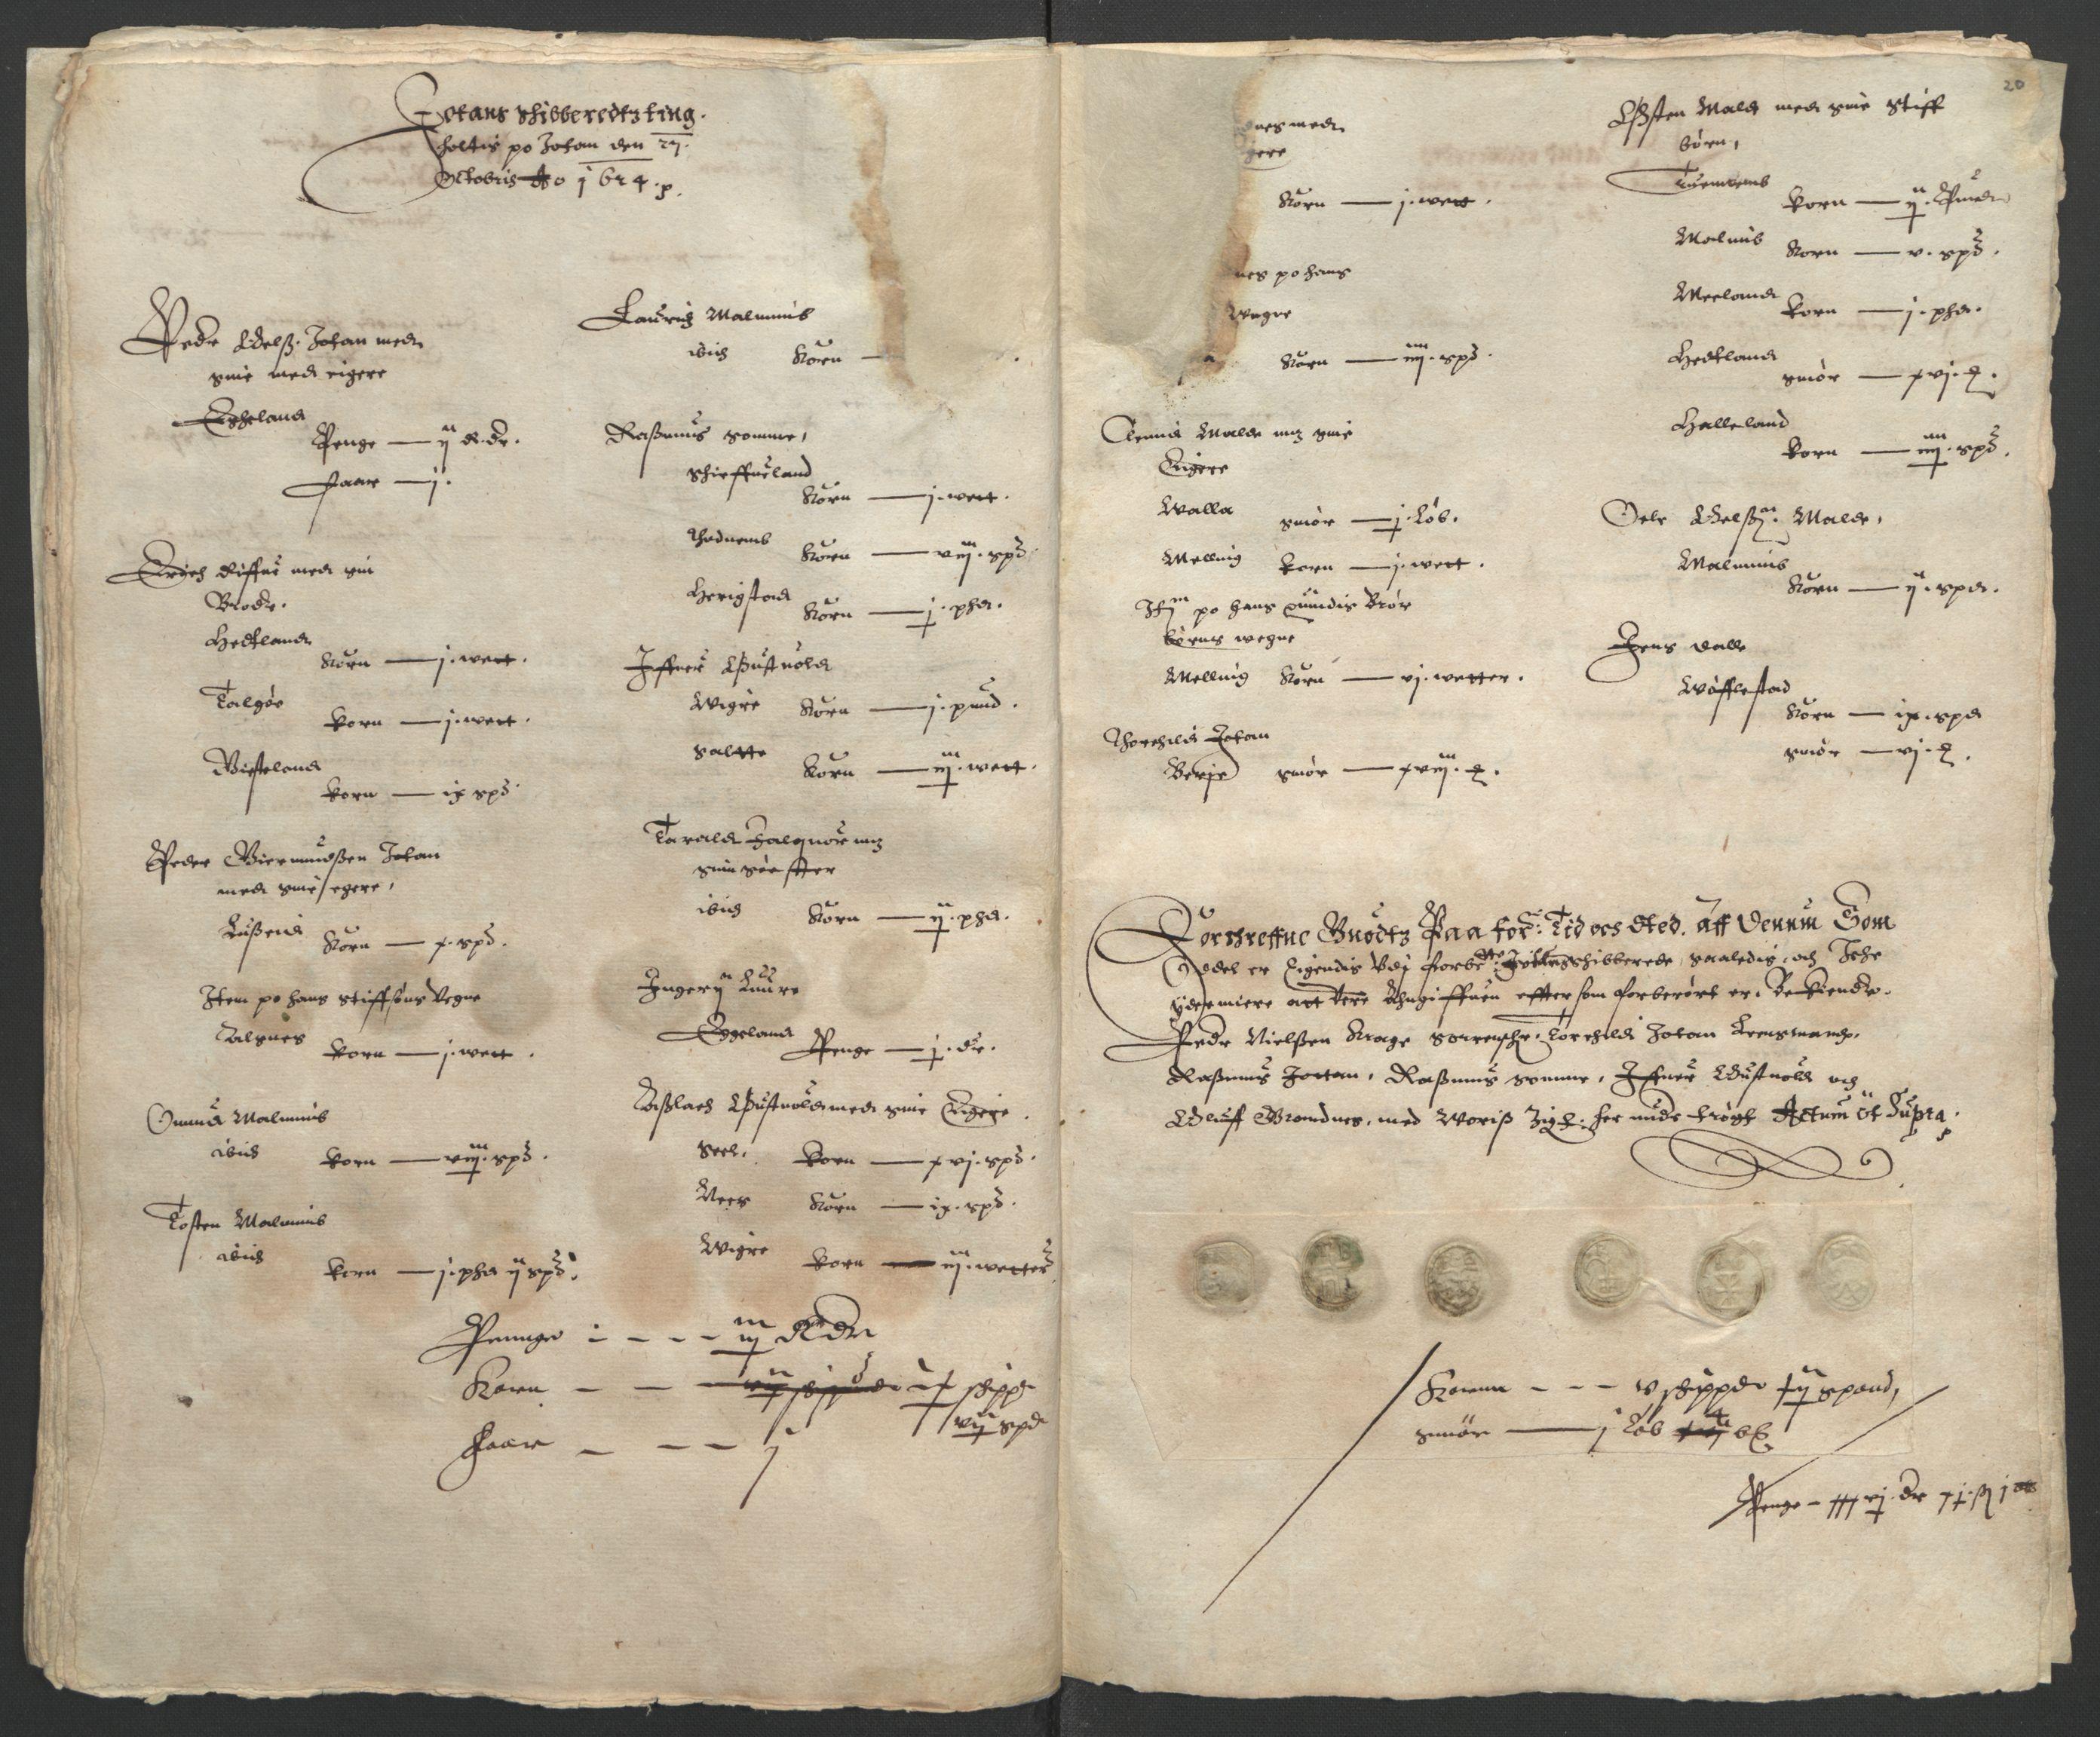 RA, Stattholderembetet 1572-1771, Ek/L0010: Jordebøker til utlikning av rosstjeneste 1624-1626:, 1624-1626, s. 54